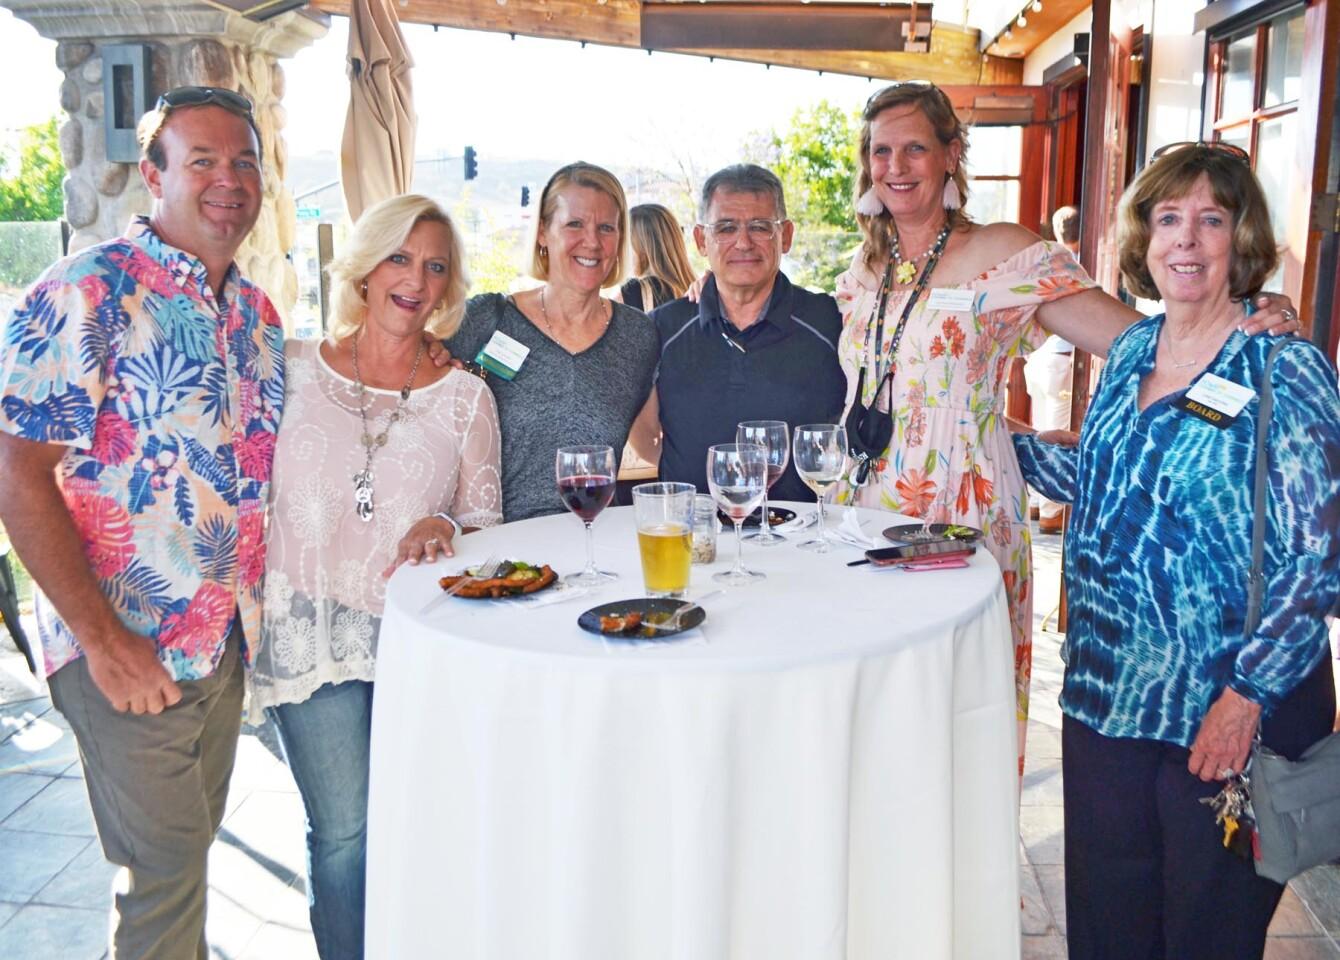 Roger Tellier, Marla Tellier, Pat Schultz, Jack Cohen, Cynthia Elizondo and Linda Goycochea.